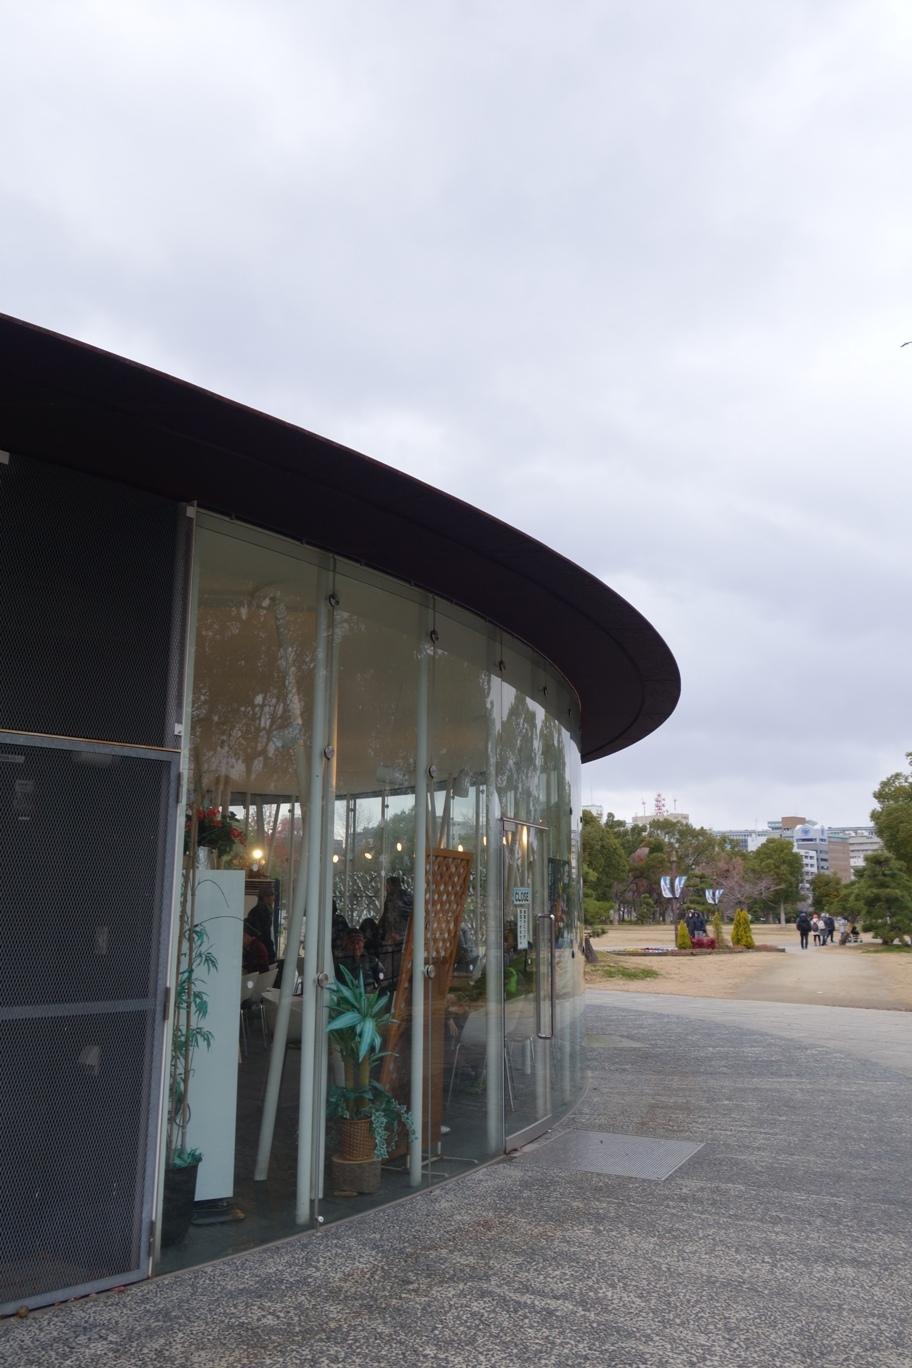 大阪城公園 大手前レストハウス